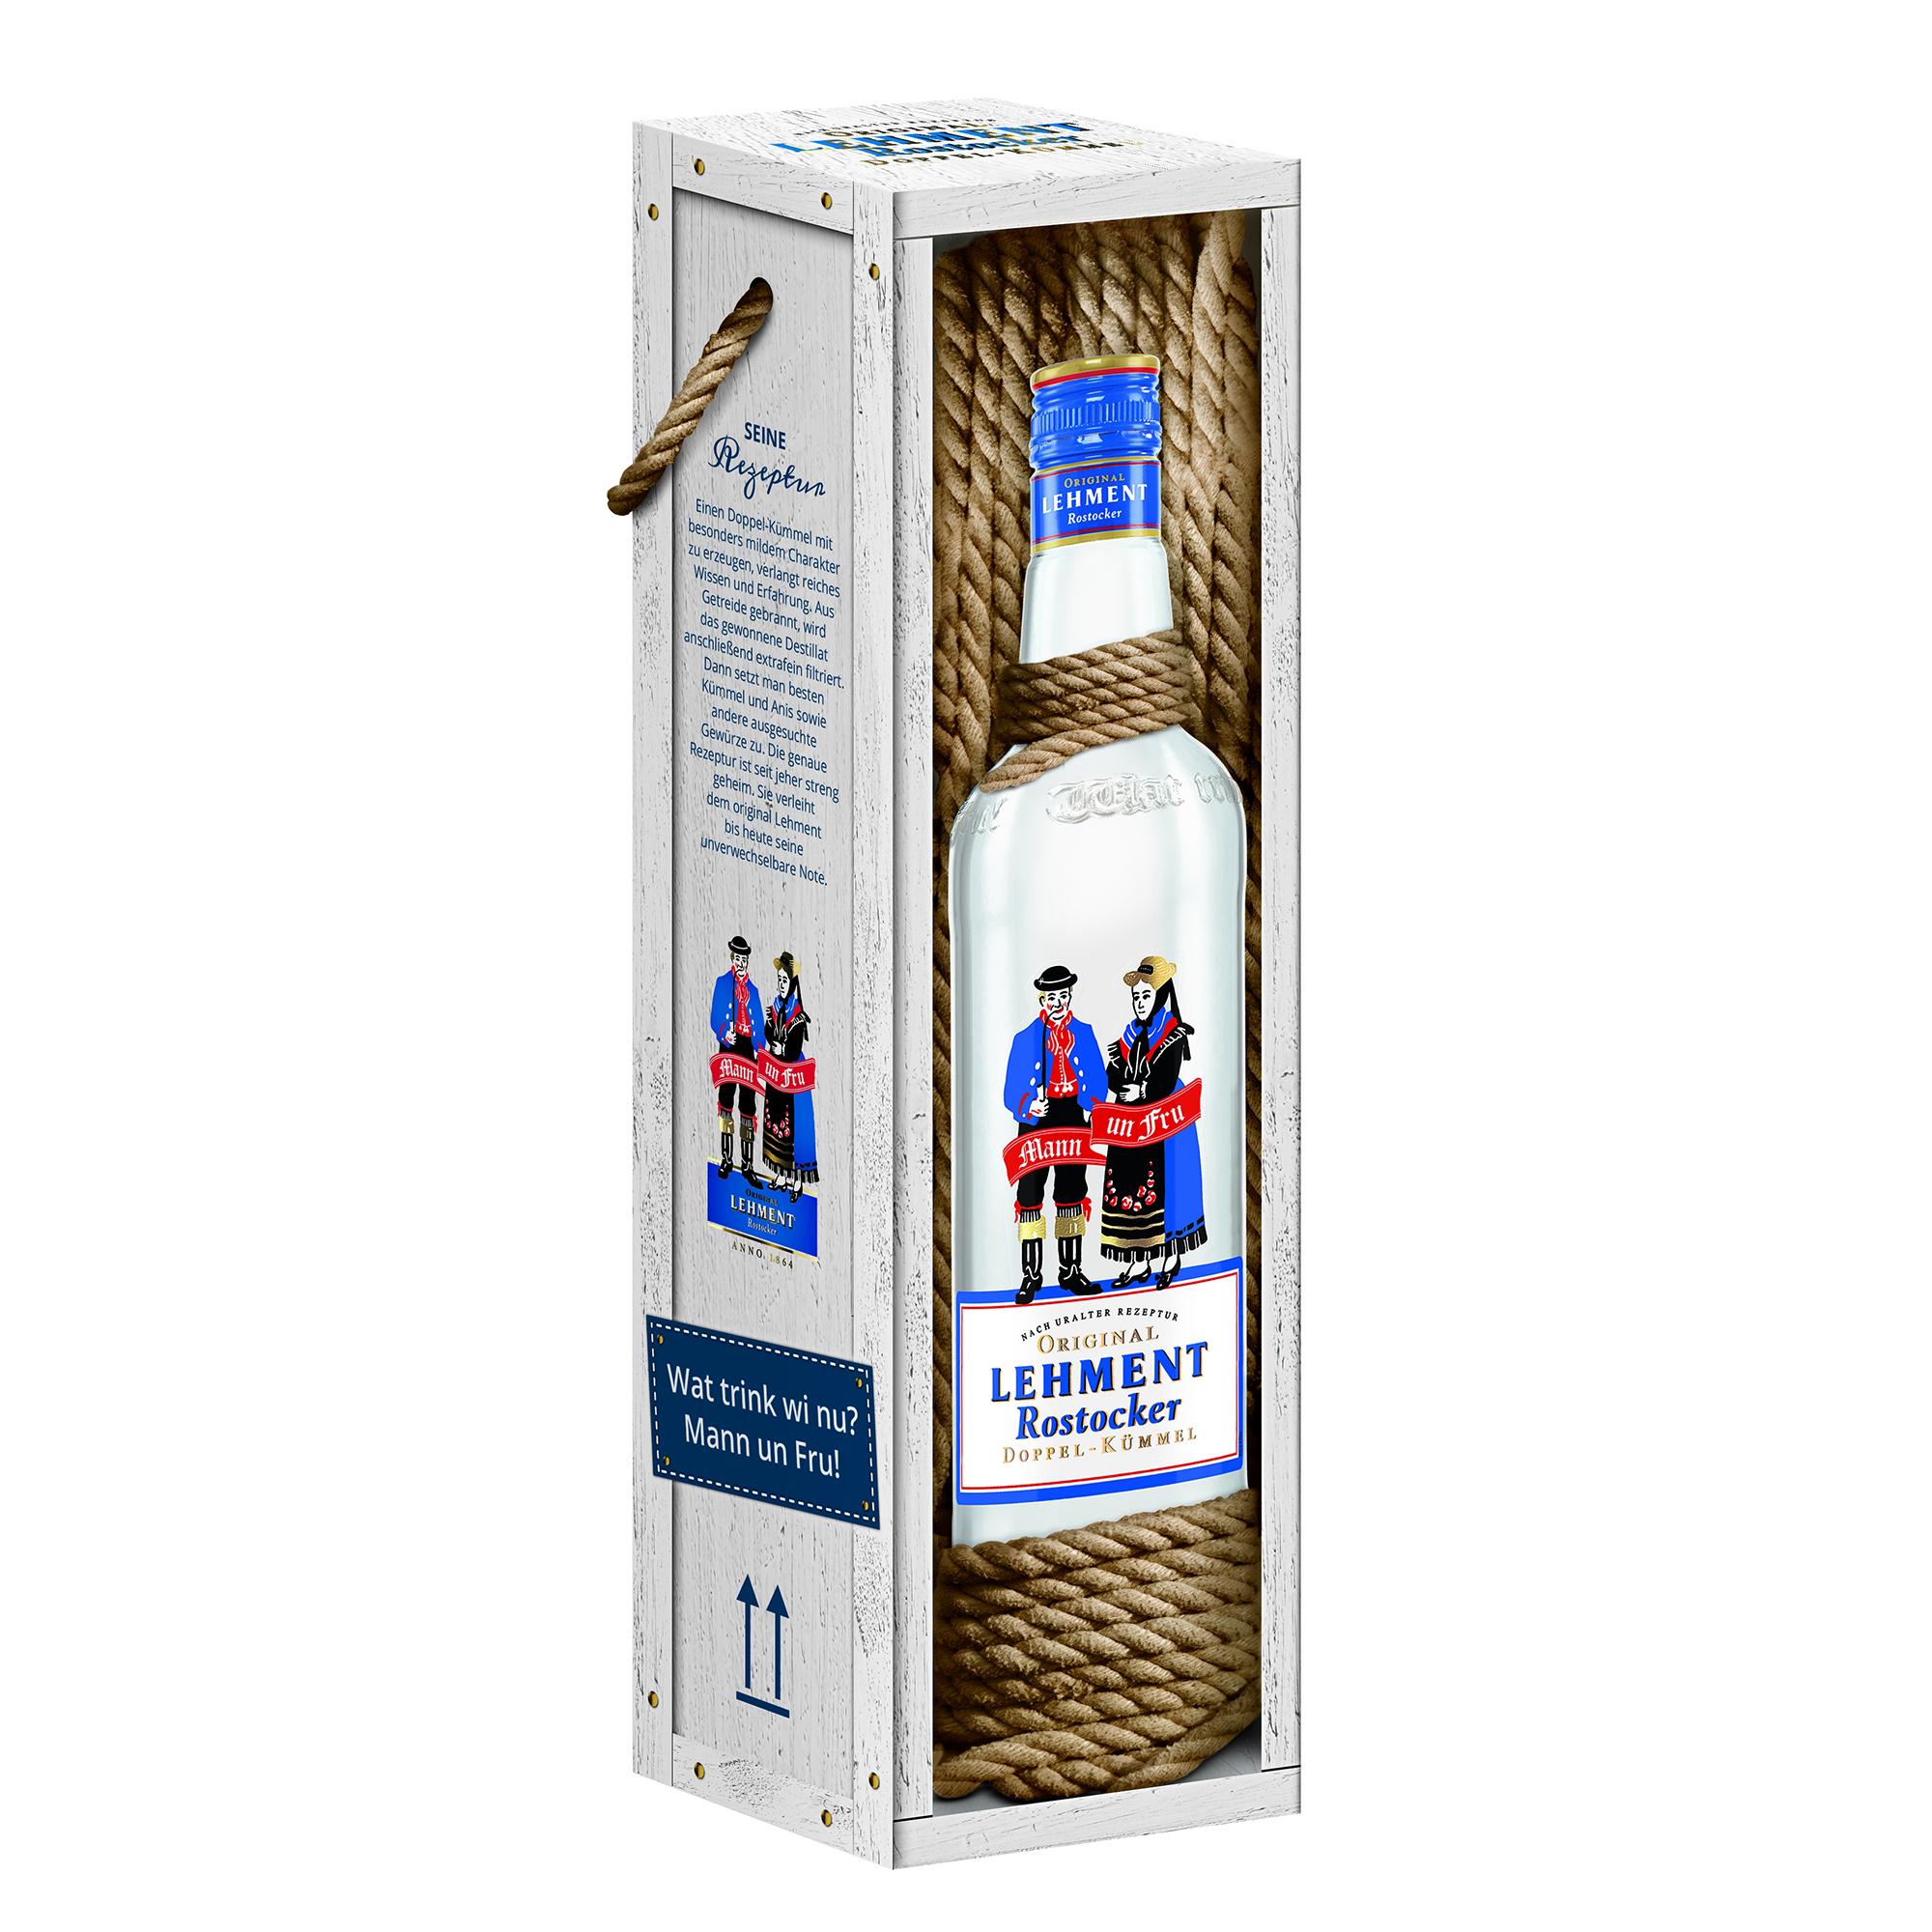 Original Lehment Rostocker Doppel-Kümmel in Geschenkverpackung